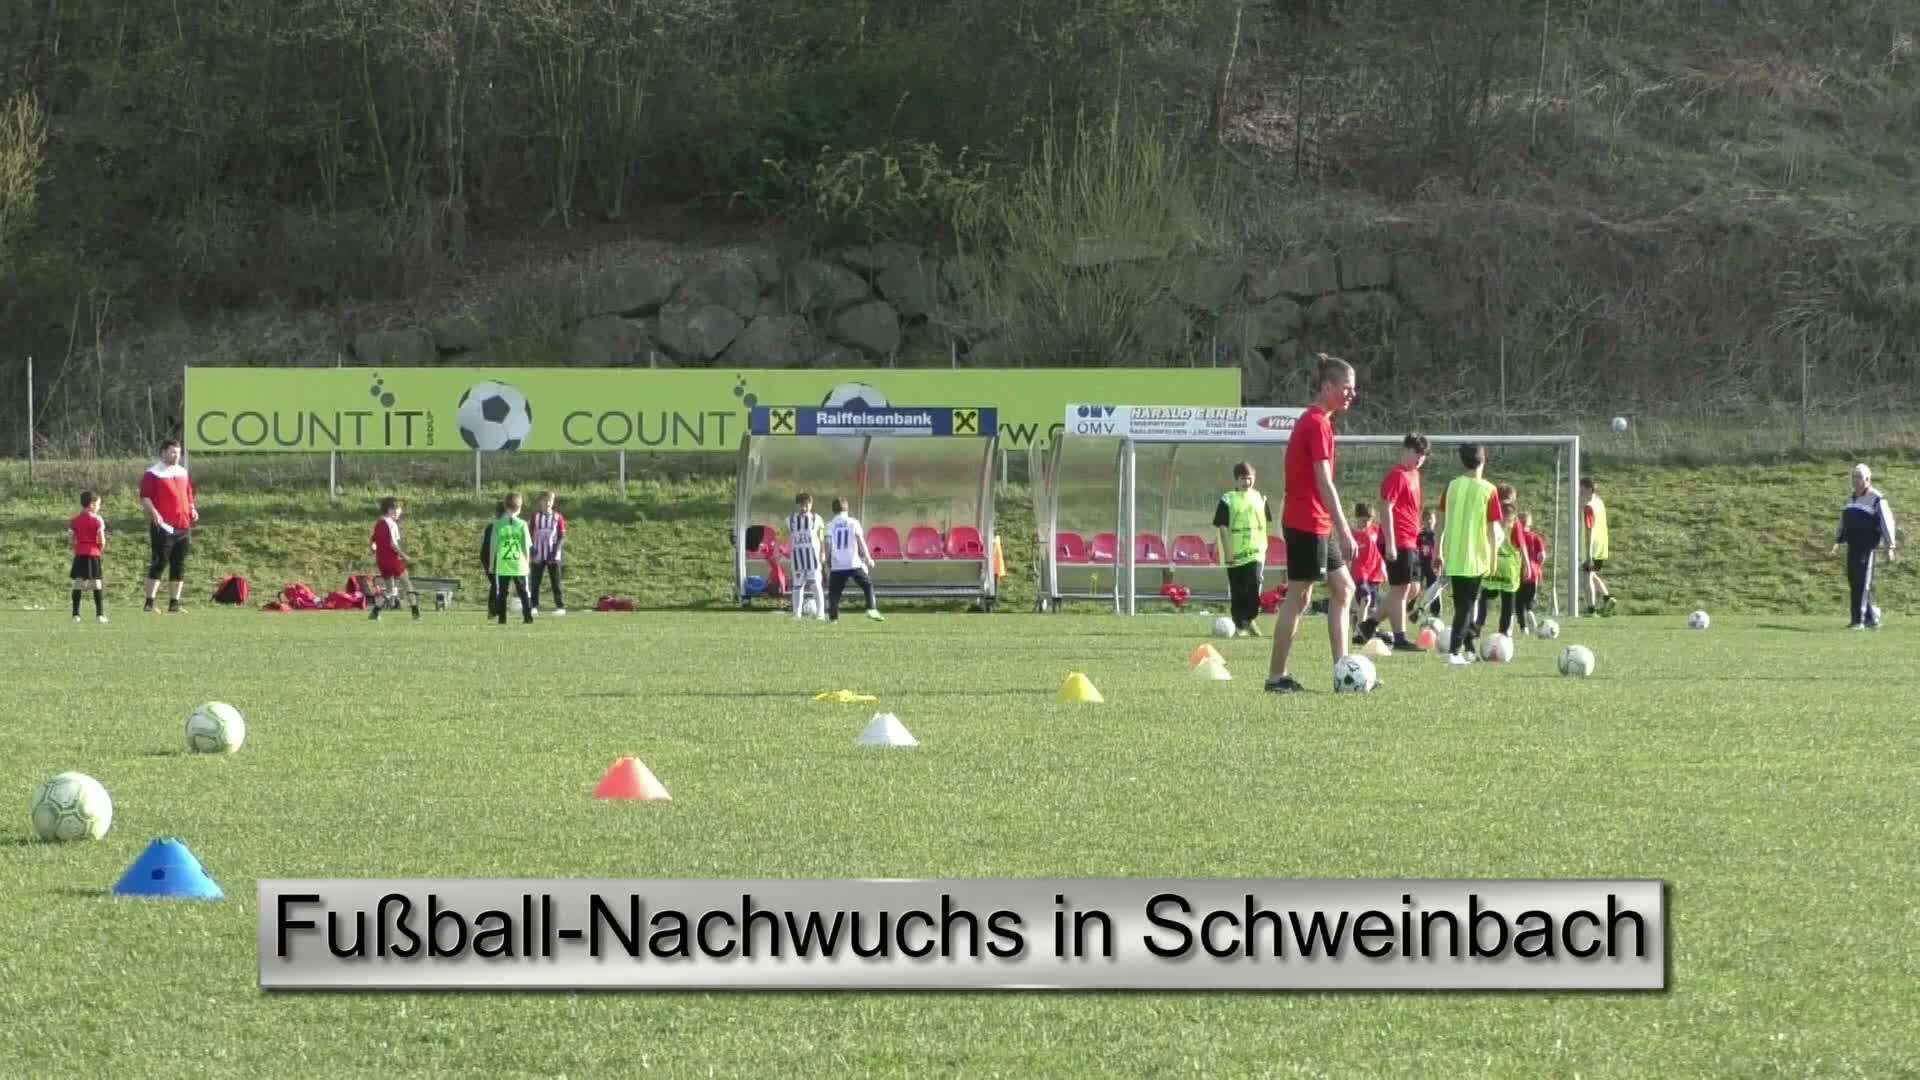 Fußball-Nachwuchs in Schweinbach